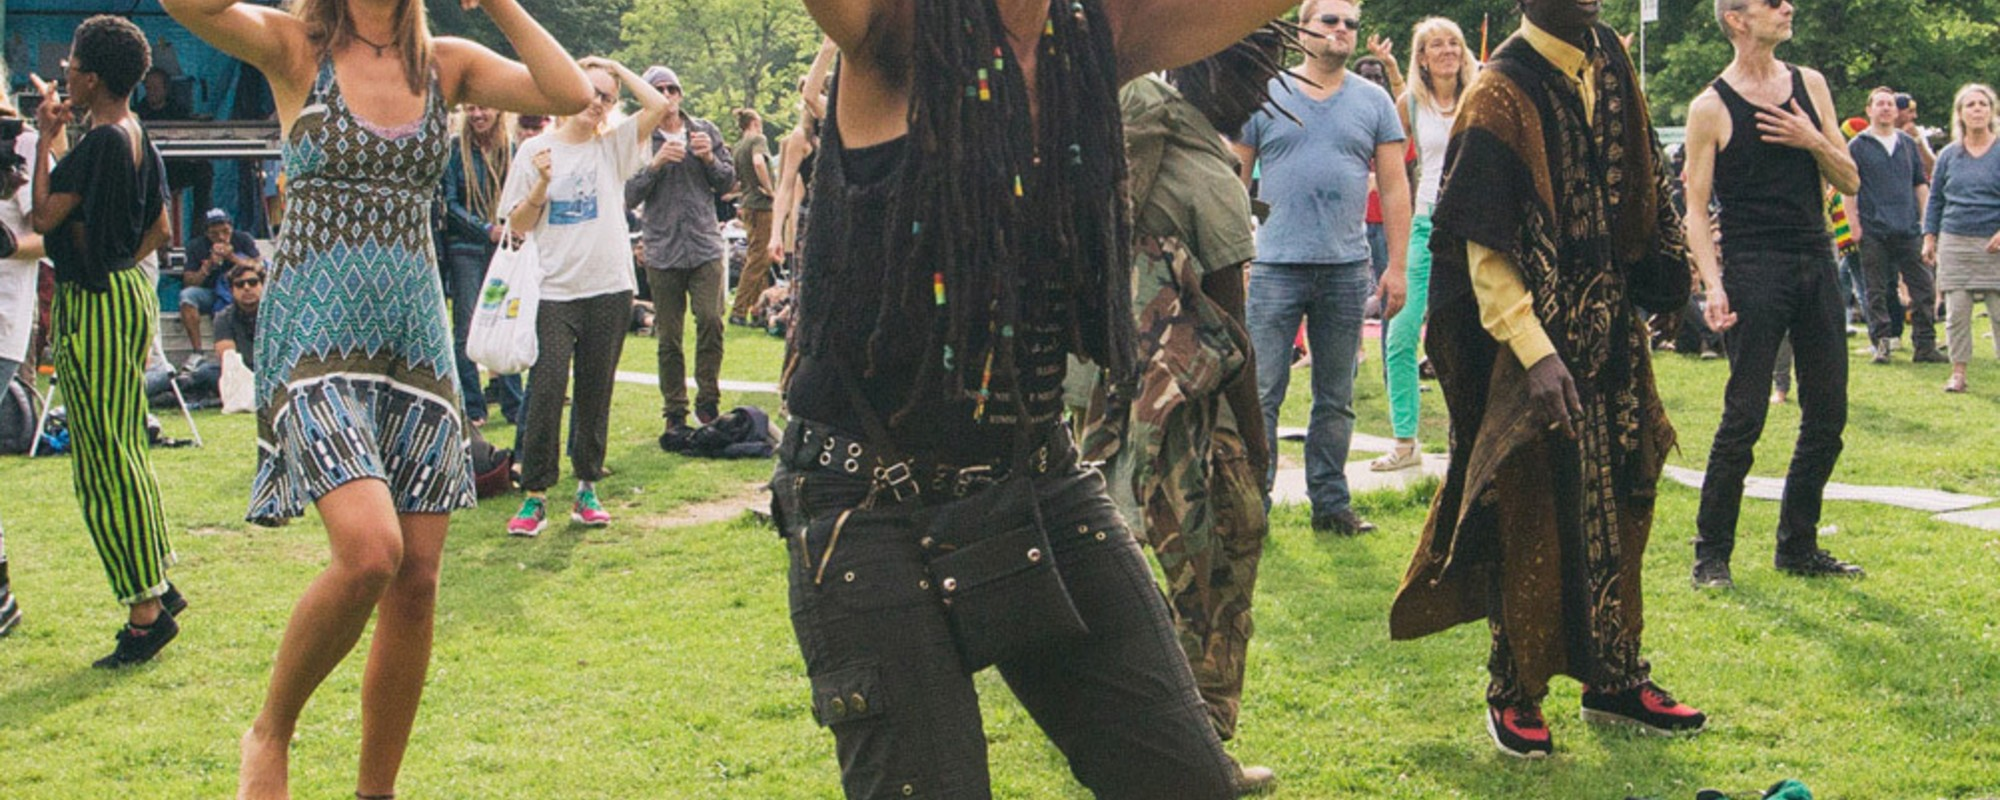 Stonede koppies en protestdansjes op Cannabis Bevrijdingsdag